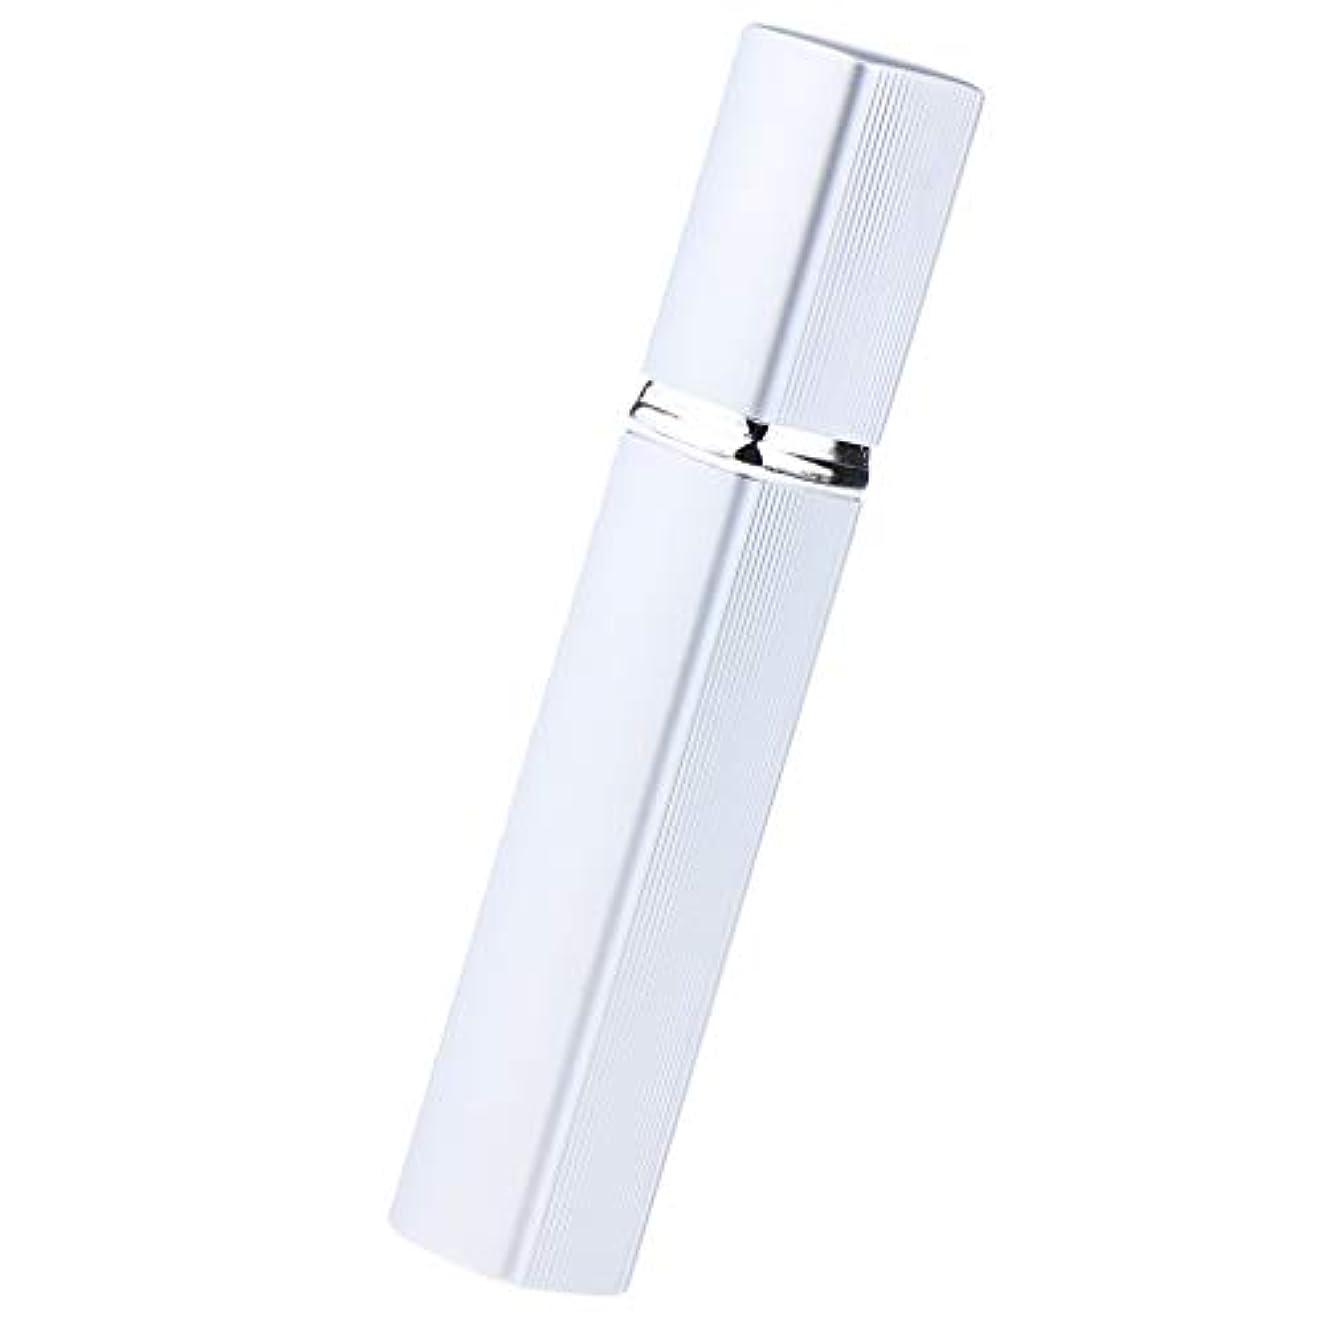 おとなしいひも段階香水瓶 スプレー 香水ボトル ガラス スプレーボトル 12ml 香りアトマイザー 多色選べ - 銀